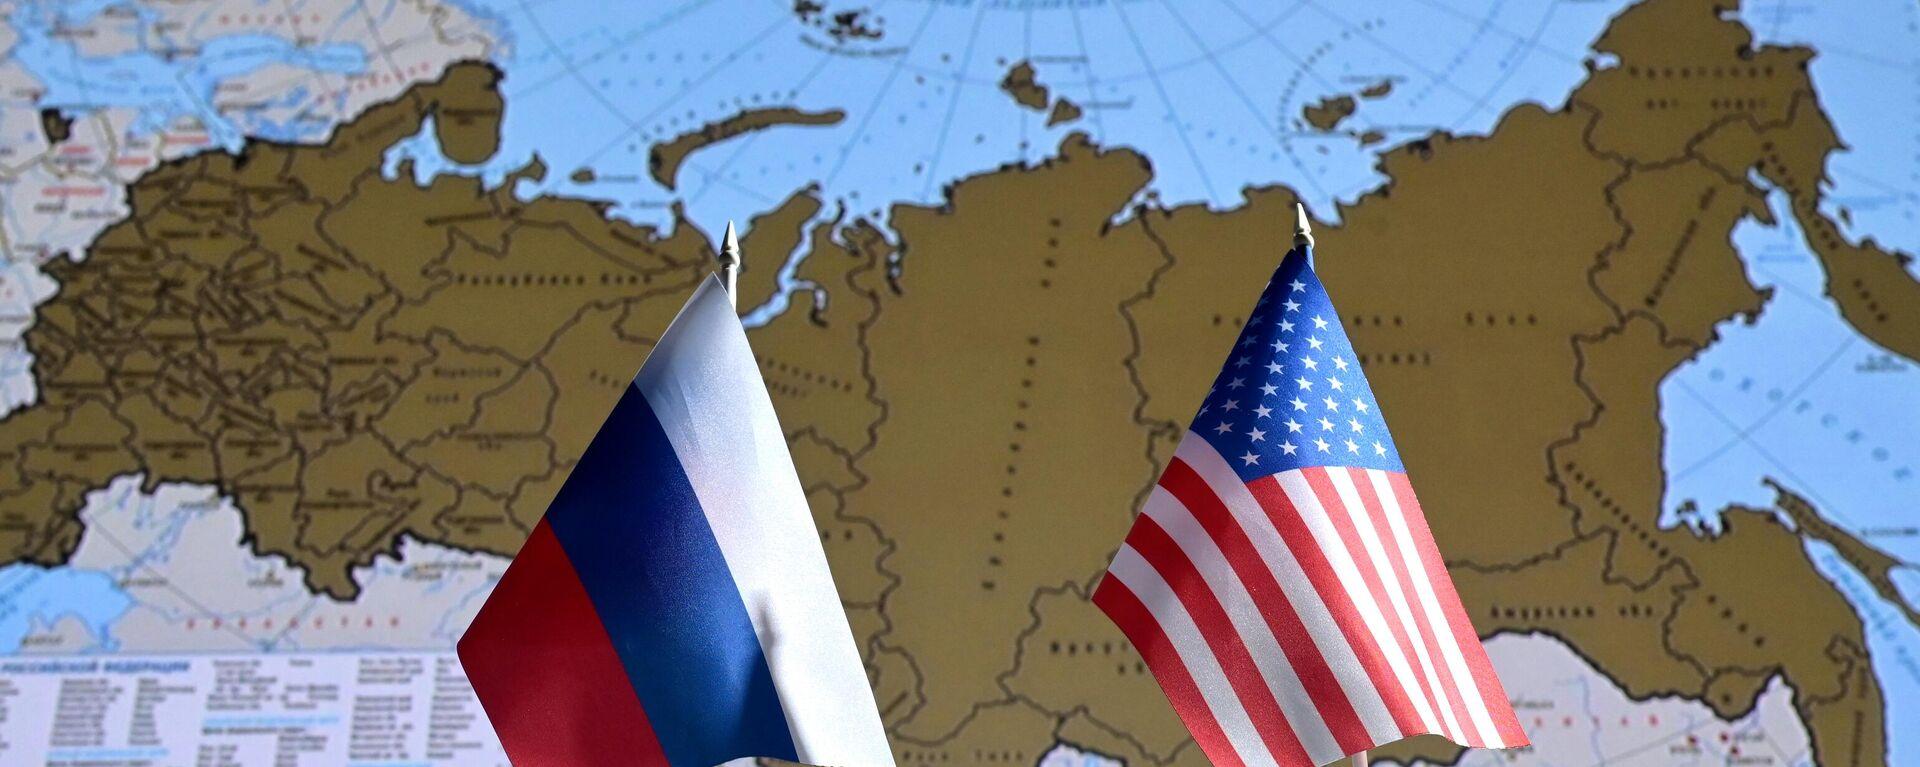 Dialog zwischen Russland und den USA (Symbolbild) - SNA, 1920, 20.07.2021